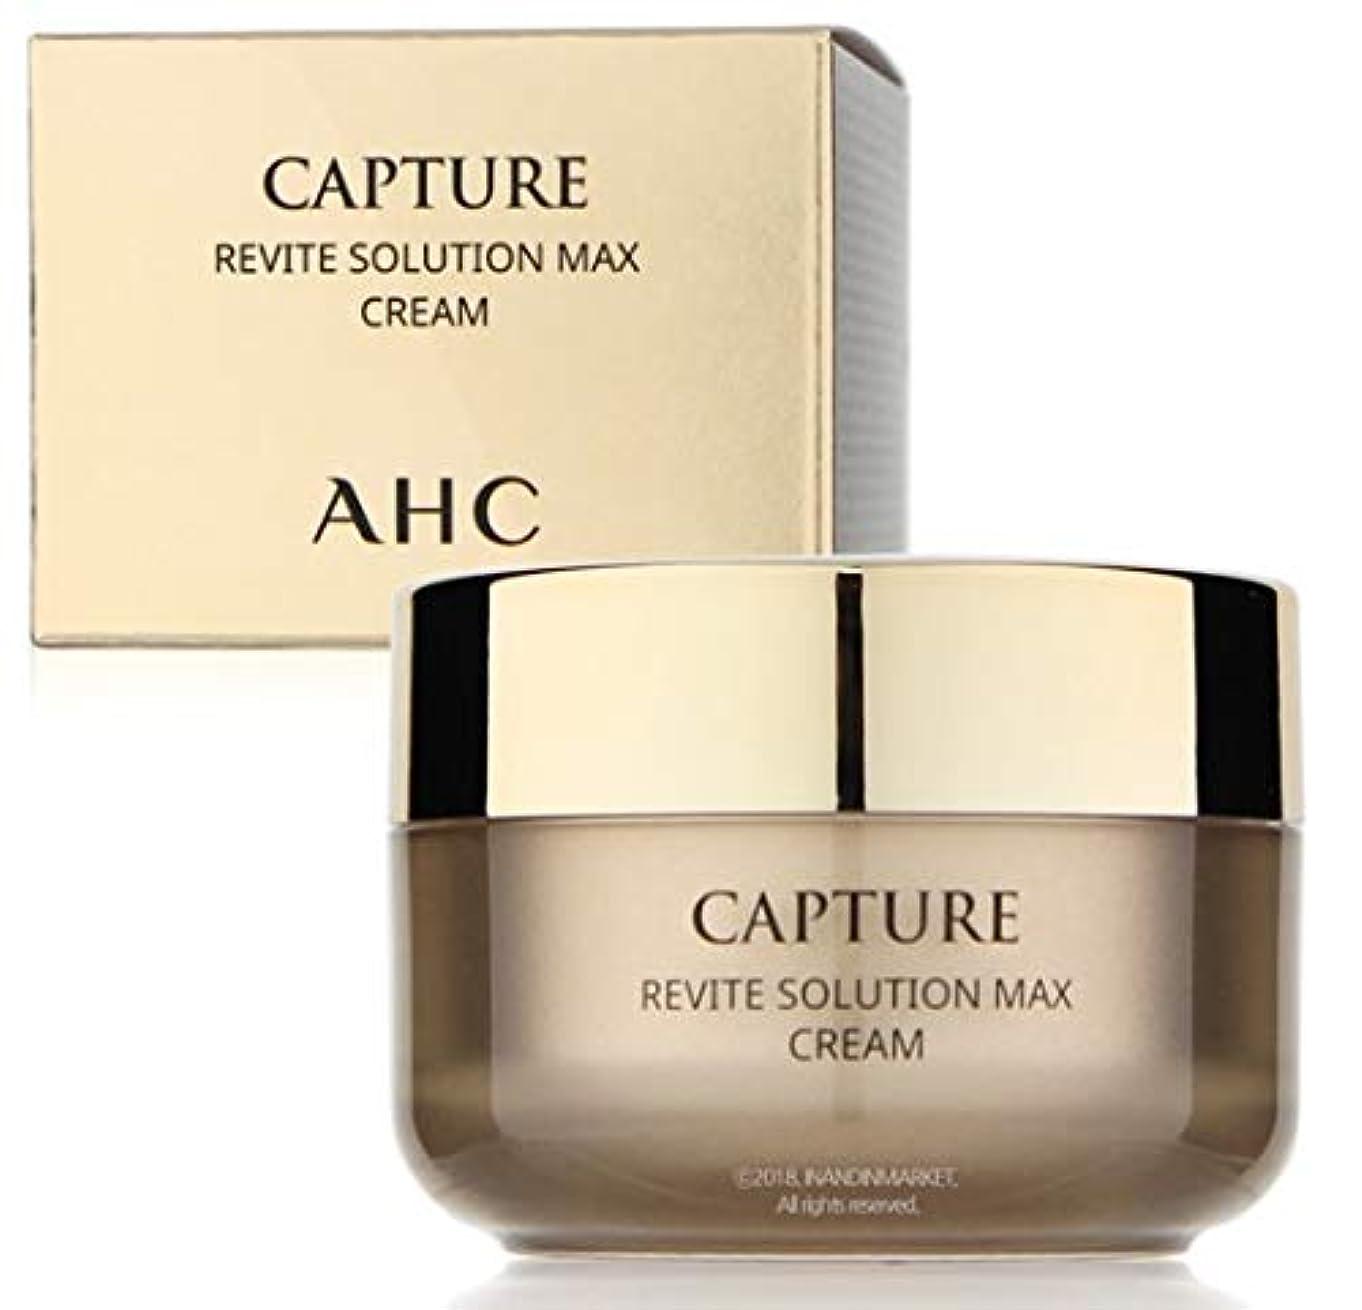 抵抗順番審判AHC Capture Revite Solution Max Cream/キャプチャー リバイト ソリューション マックス クリーム 50ml [並行輸入品]